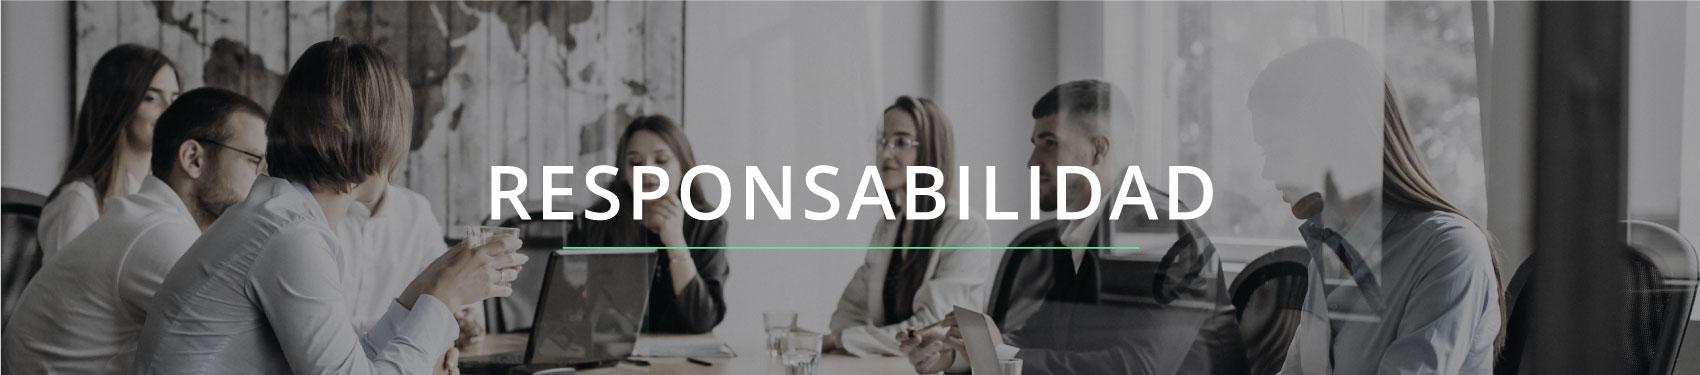 valor-responsabilidad